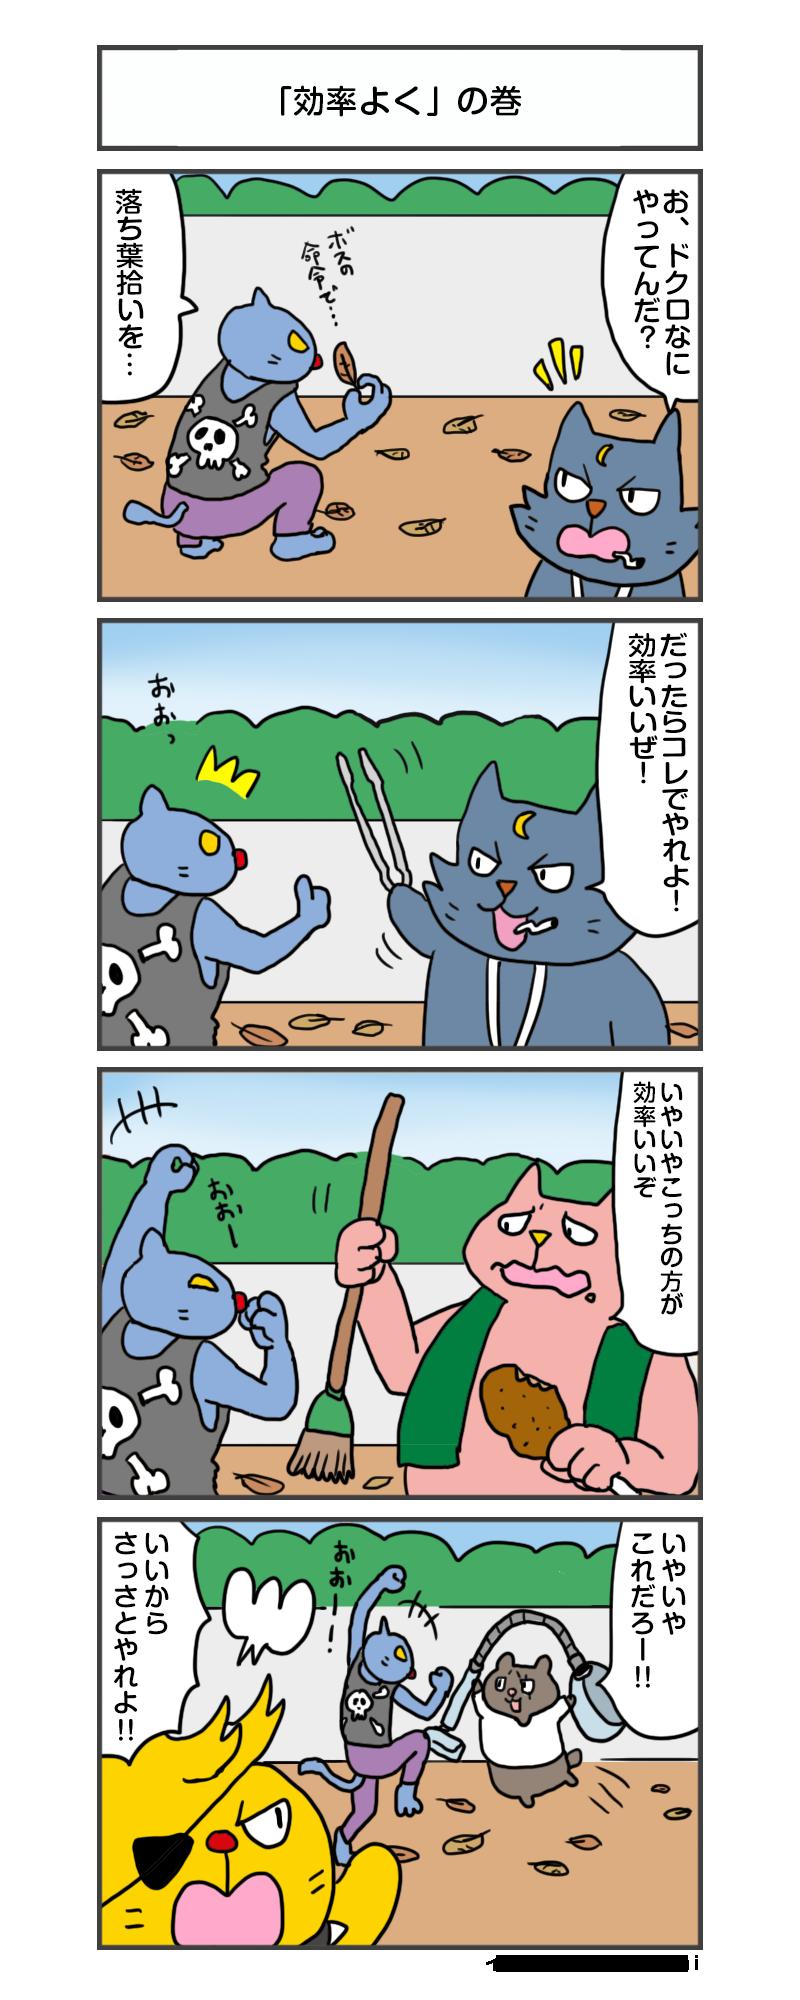 えきぞうmanga_vol.274